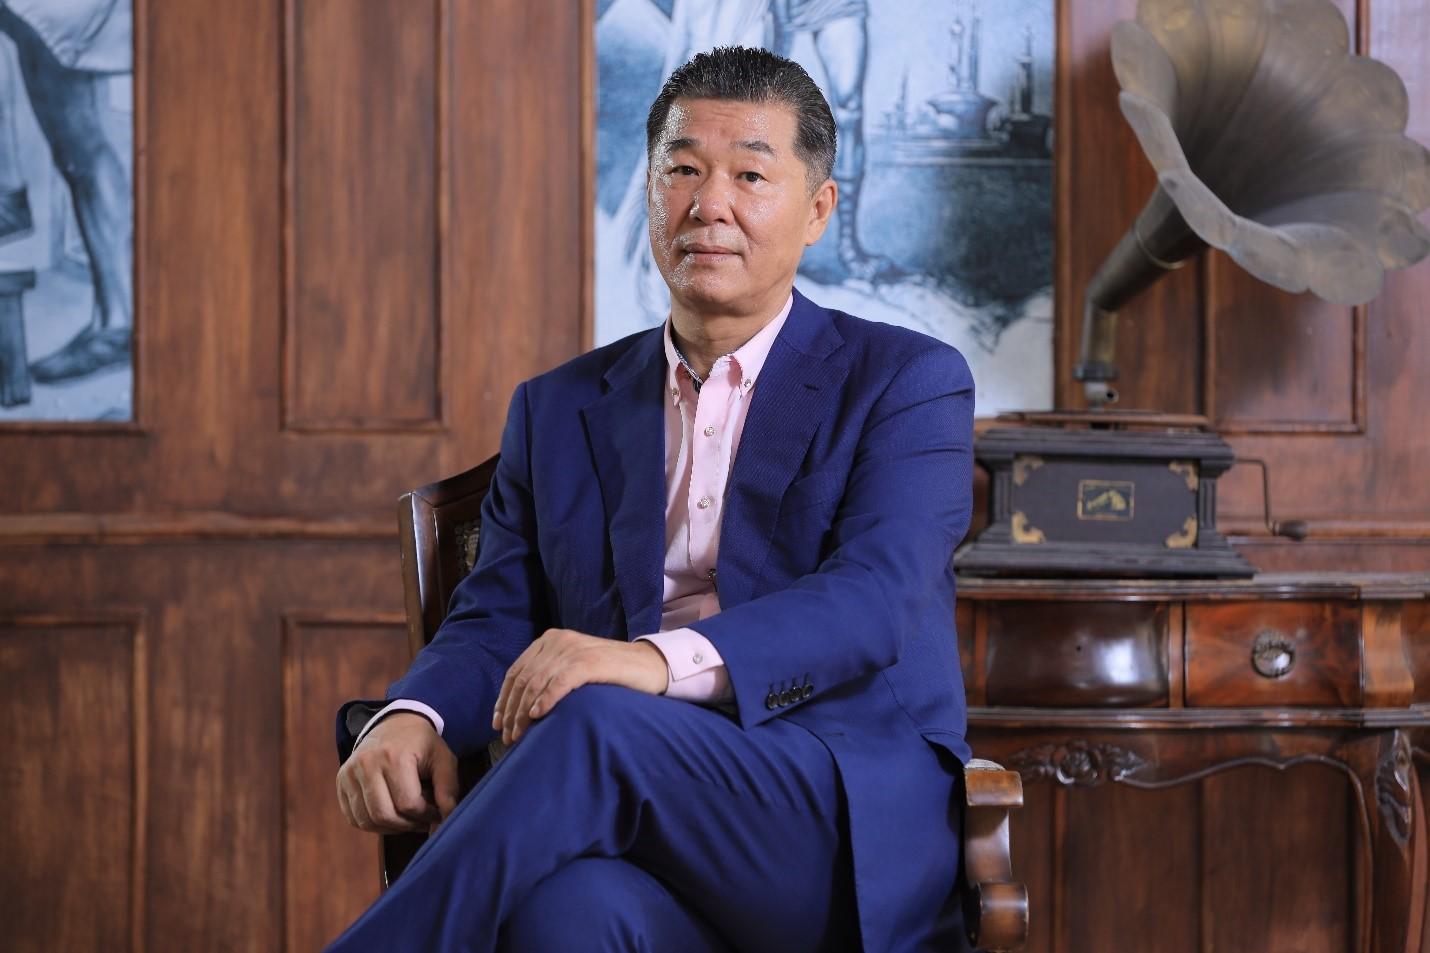 TS.Chủ tịch – Mr Han Jong Beum Đơn vị chủ quản : Chủ tịch Liên Đoàn Quốc Tế Trao Đổi Đa Văn Hóa Châu Á Hàn Quốc